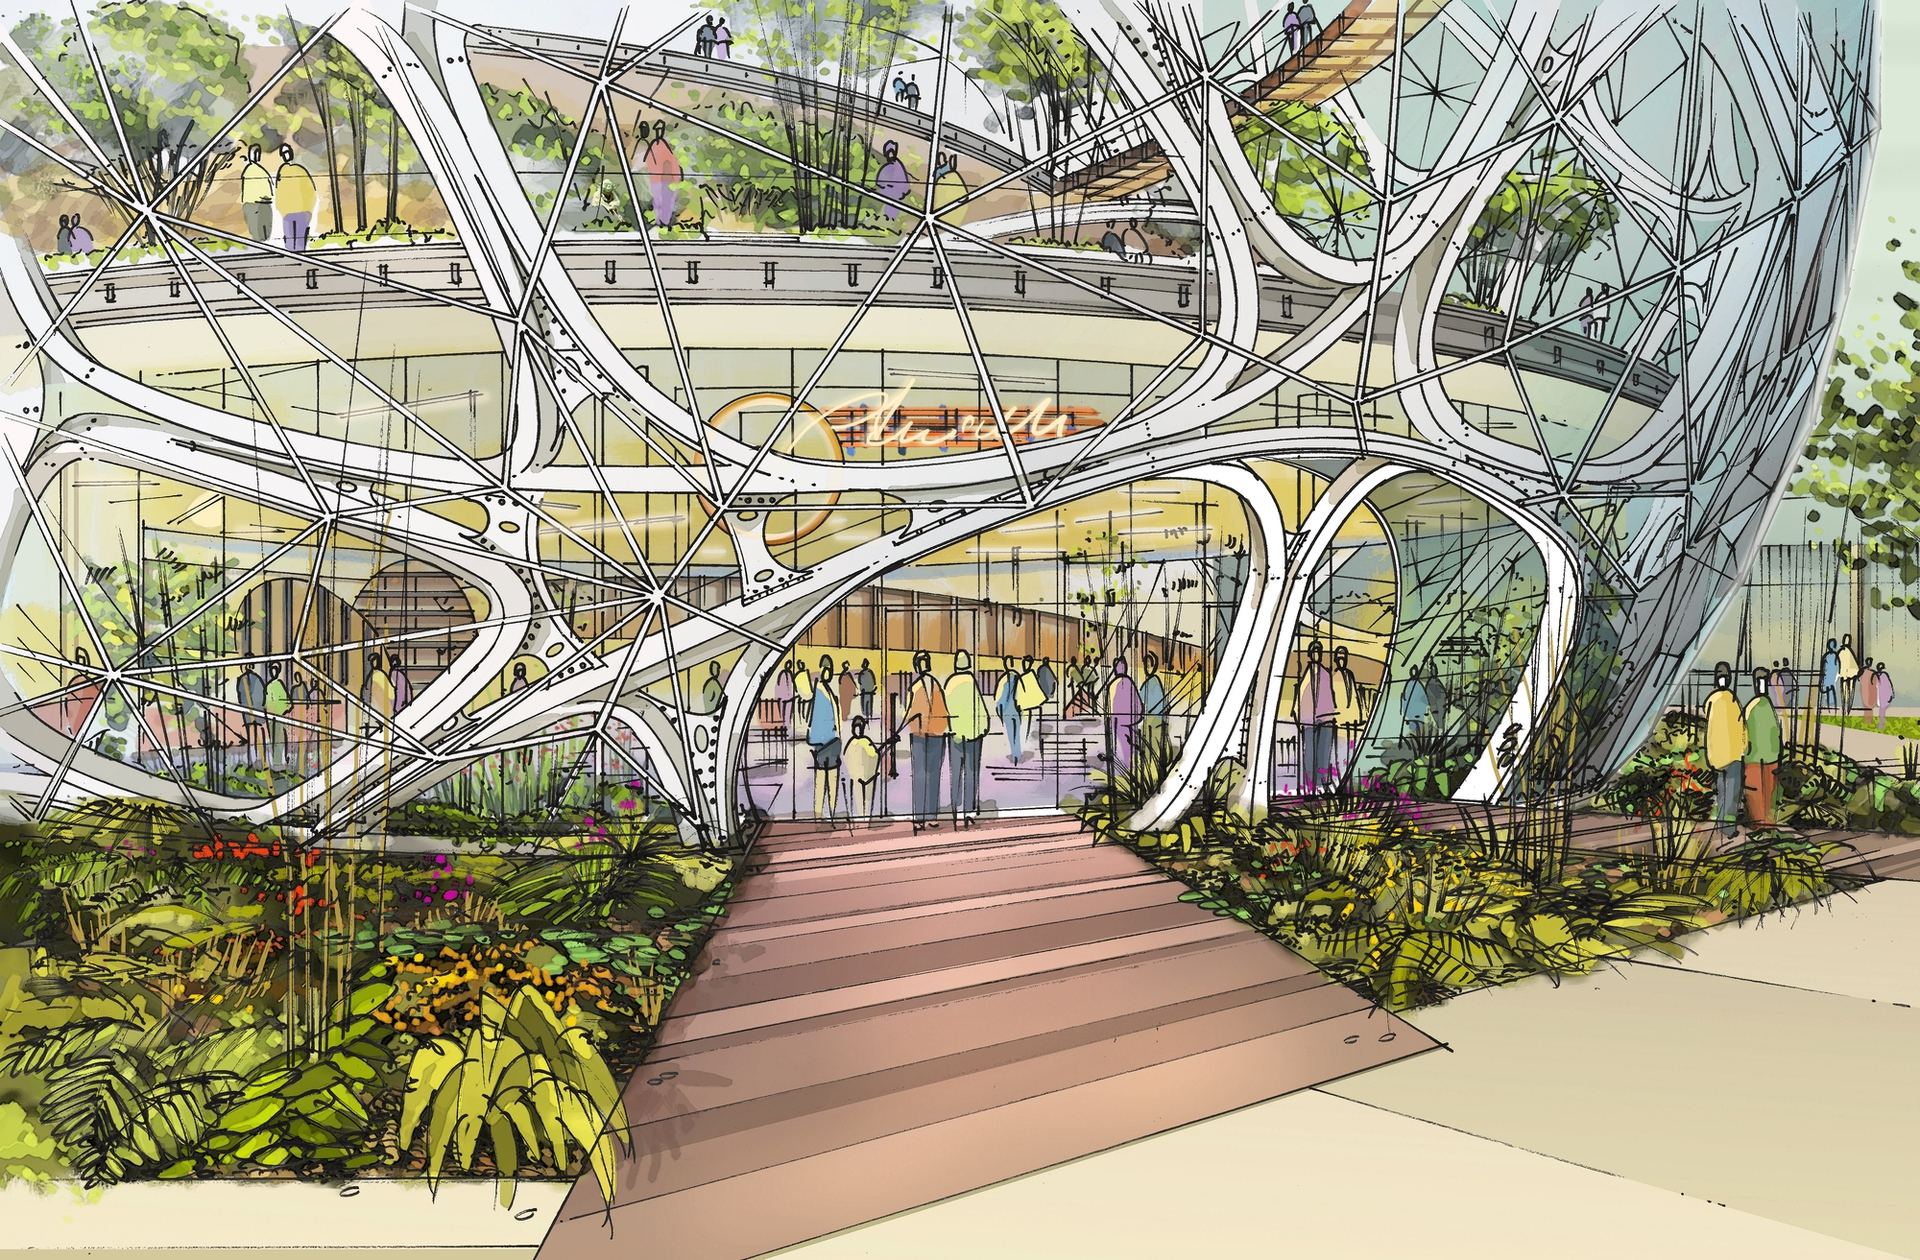 Взгляд в будущее: Как будут выглядеть штаб-квартиры крупных ИТ-компаний - 9